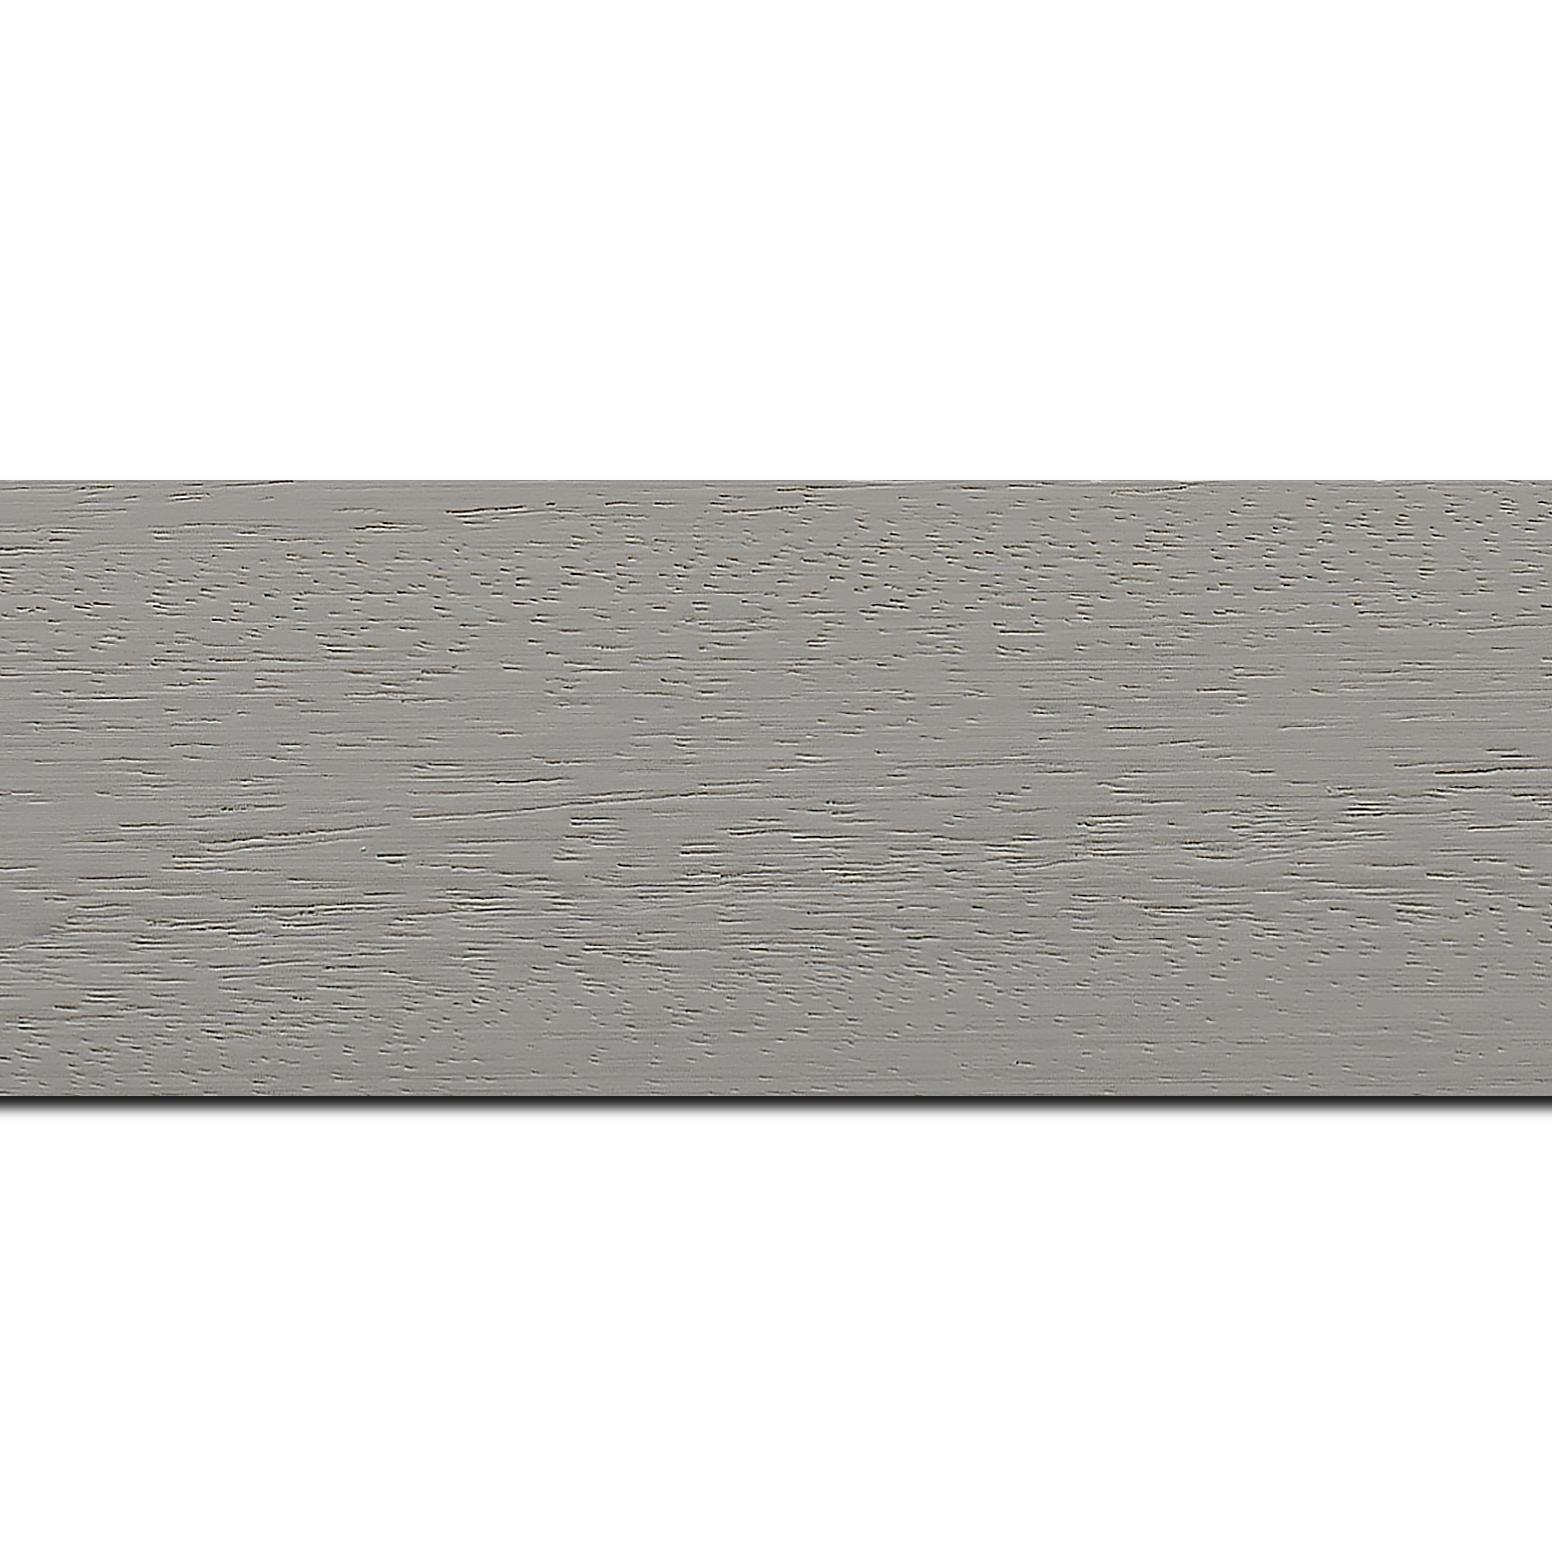 cadre bois gris 50x60 pas cher cadre photo bois gris 50x60 destock cadre. Black Bedroom Furniture Sets. Home Design Ideas